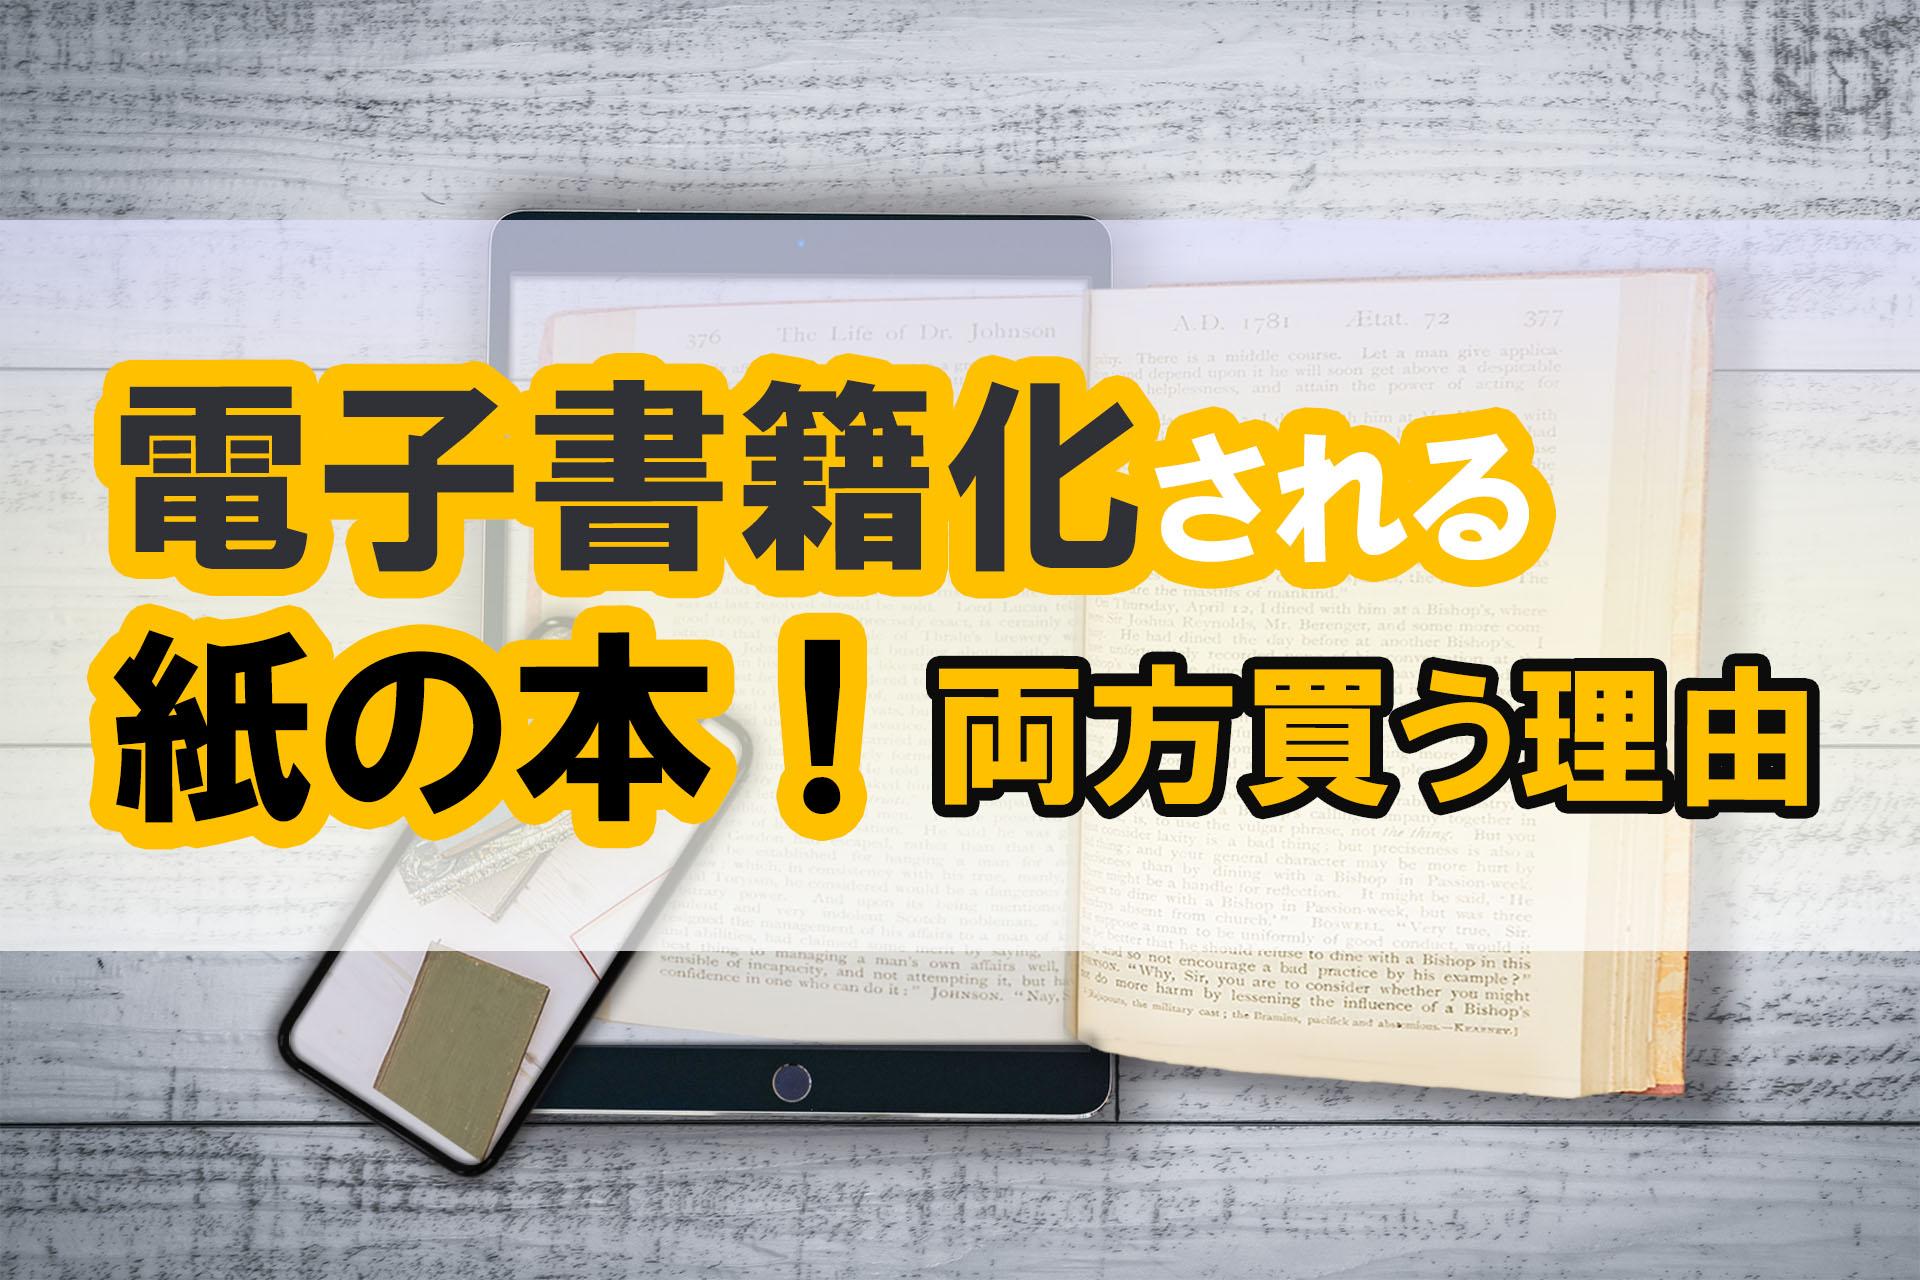 電子書籍化される紙の本!両方買う理由